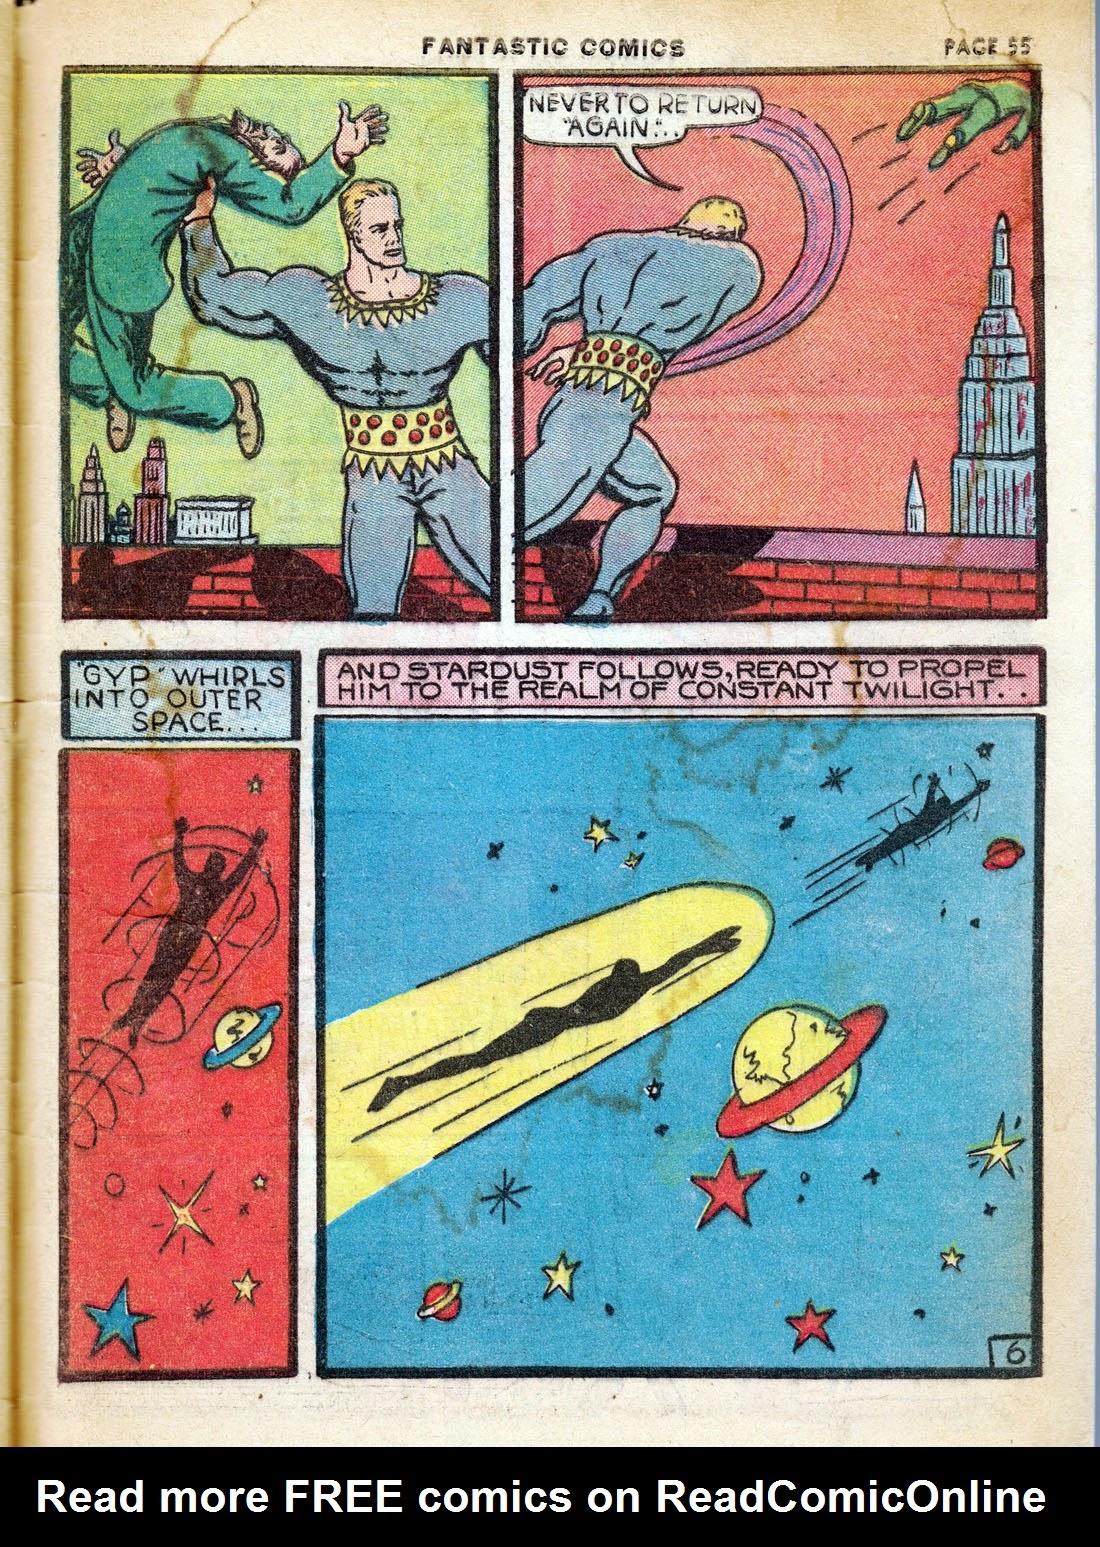 Read online Fantastic Comics comic -  Issue #7 - 57